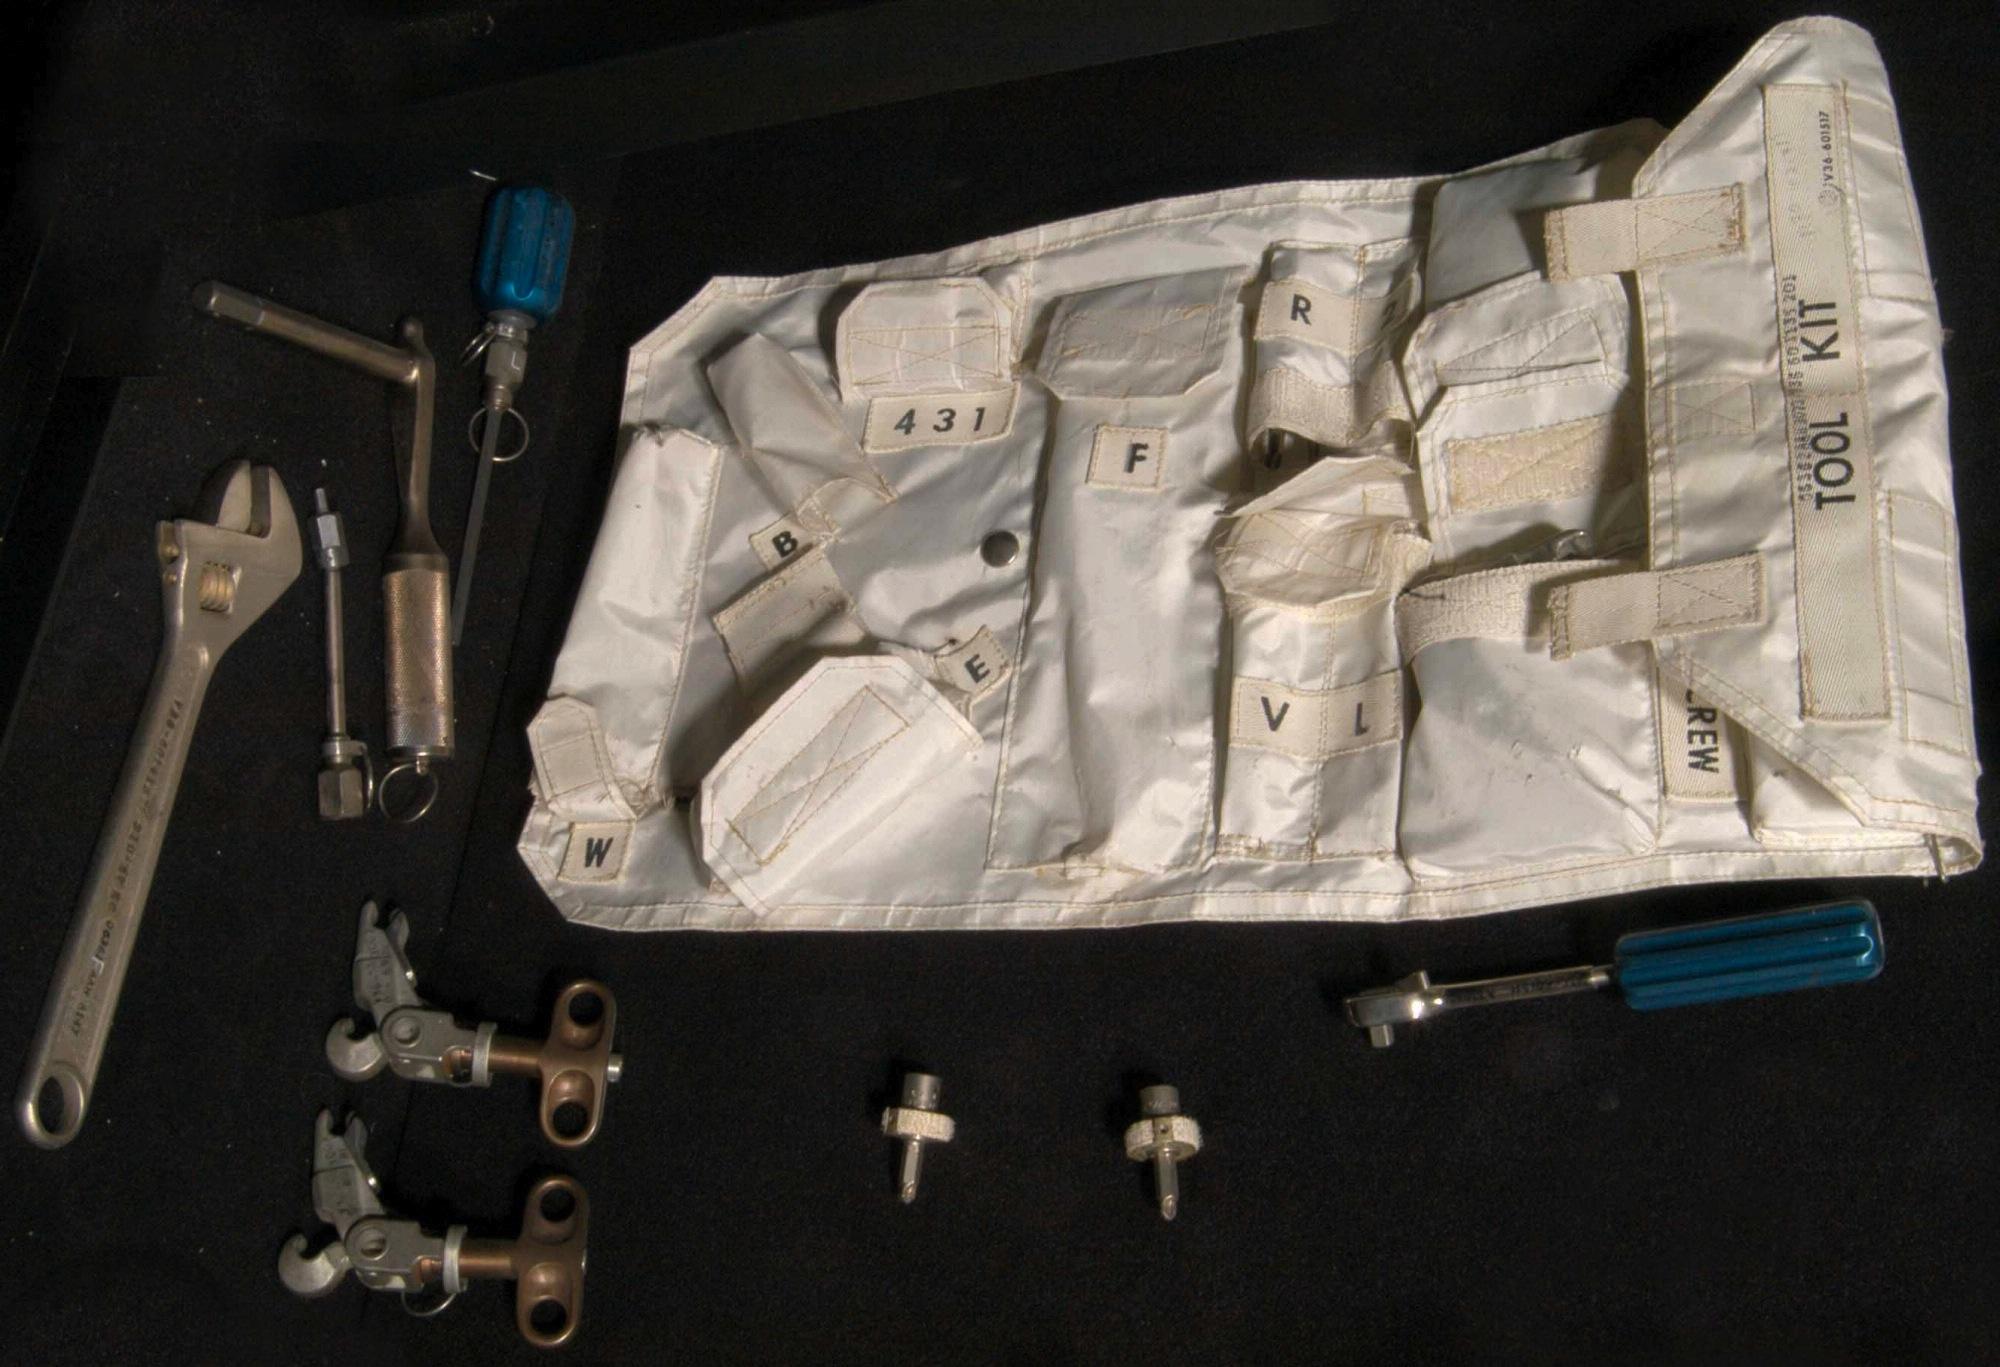 Apollo Command Module Tools